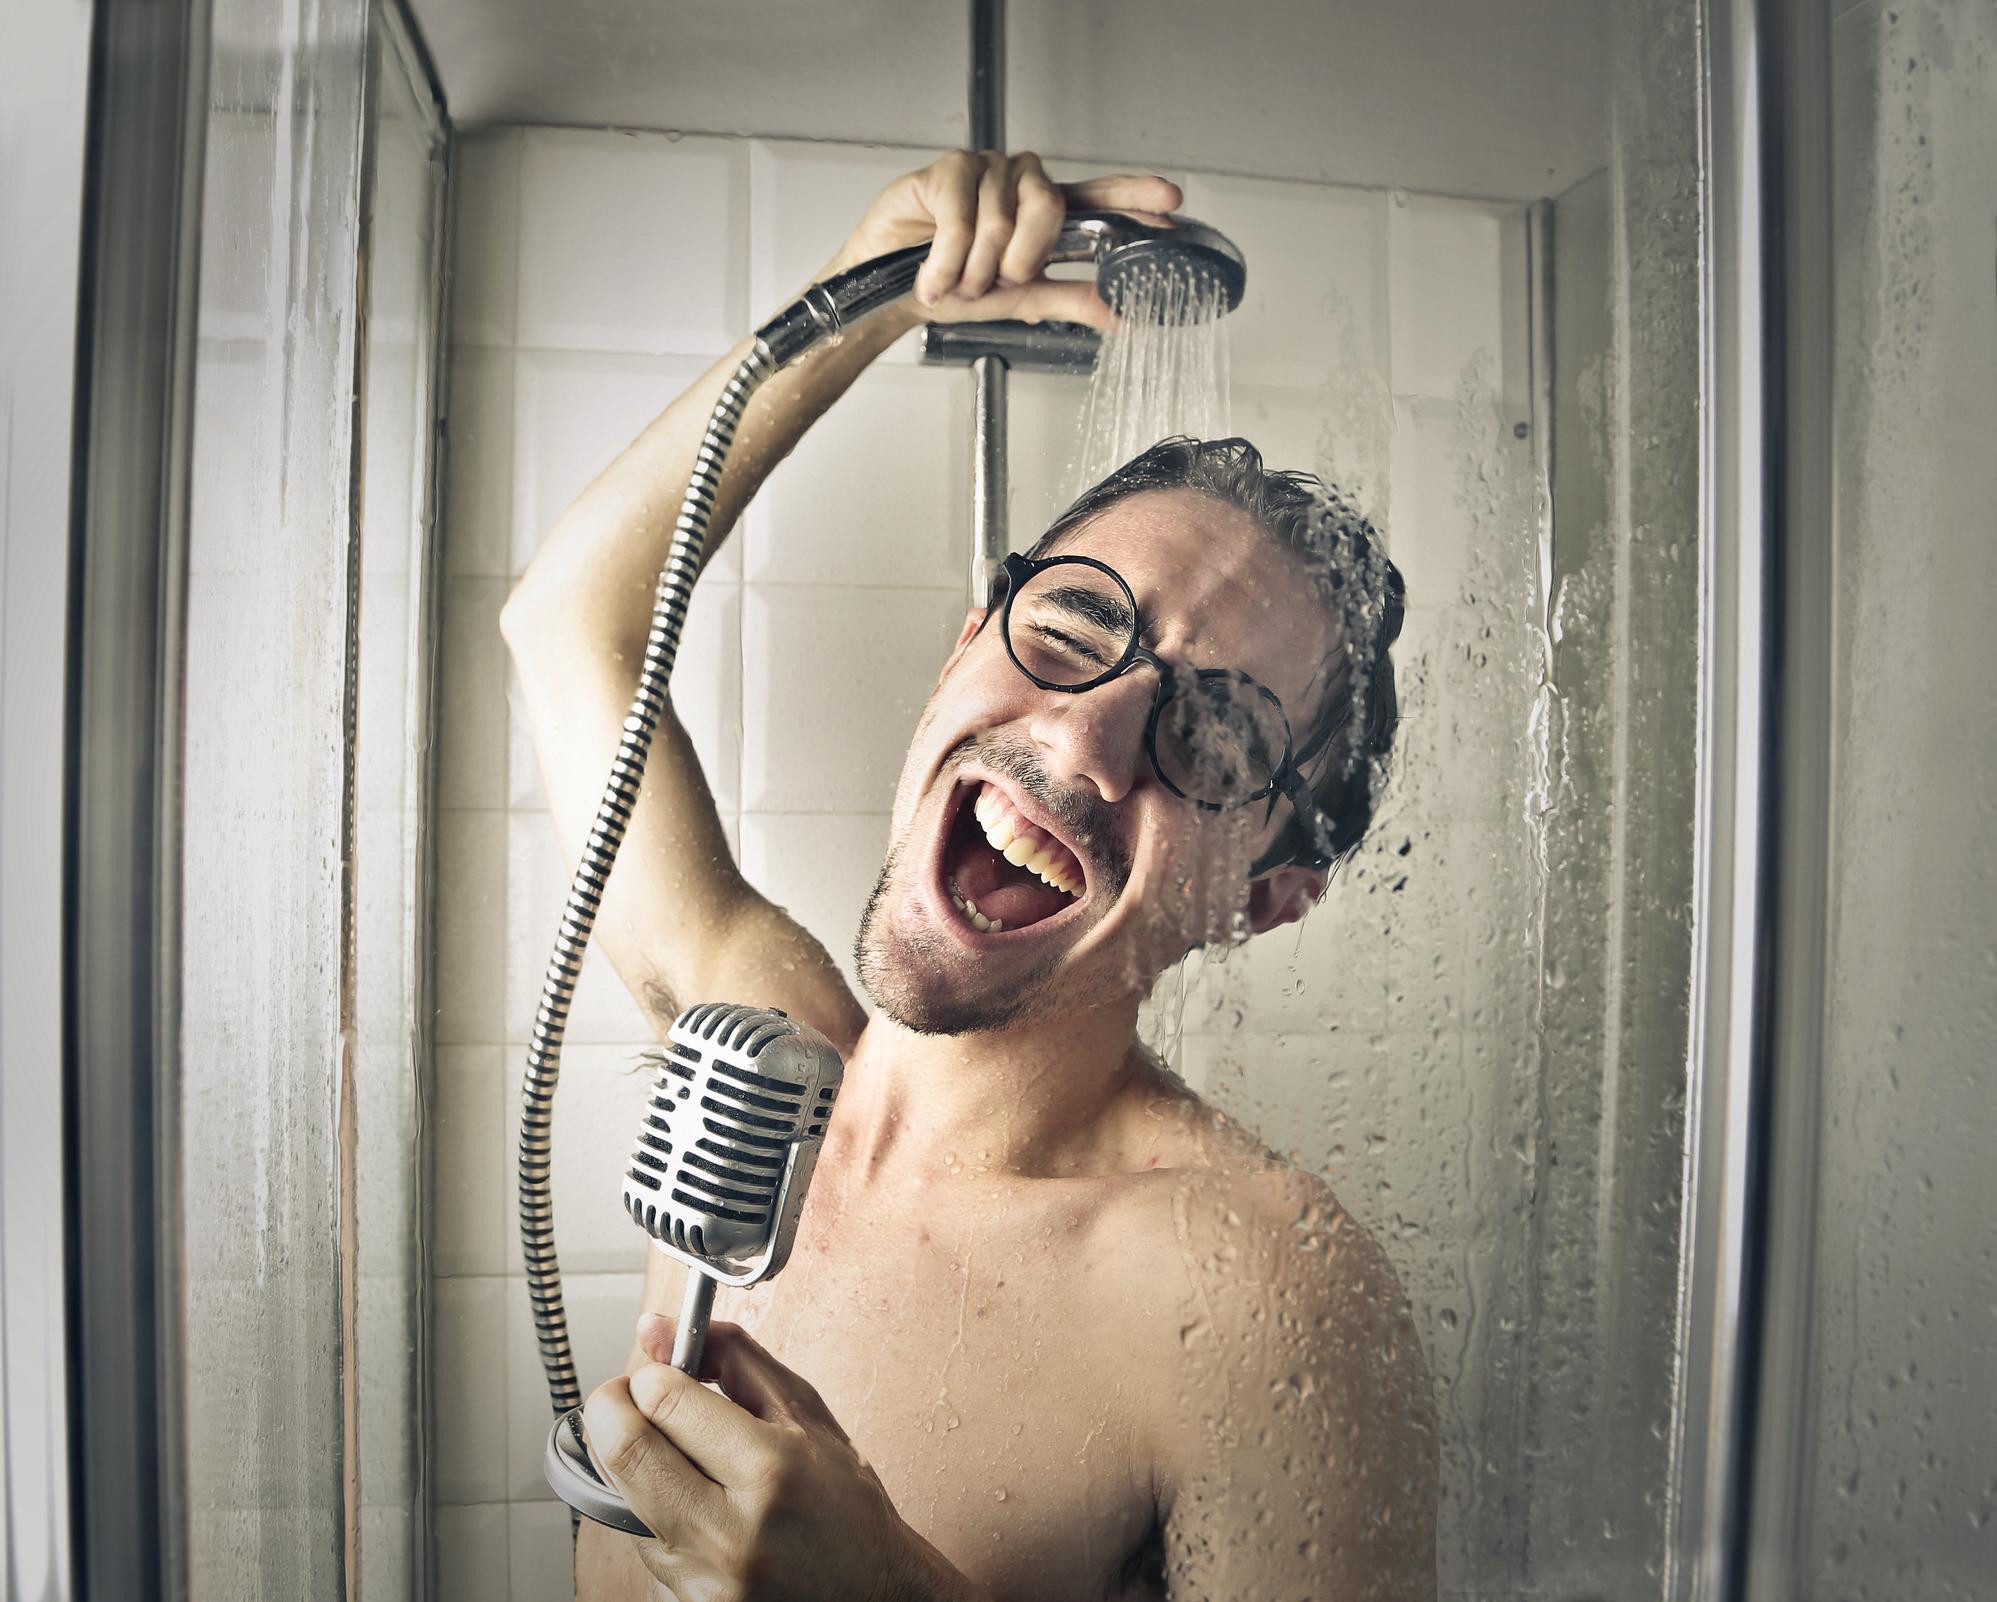 Смешная картинка человека в ванной